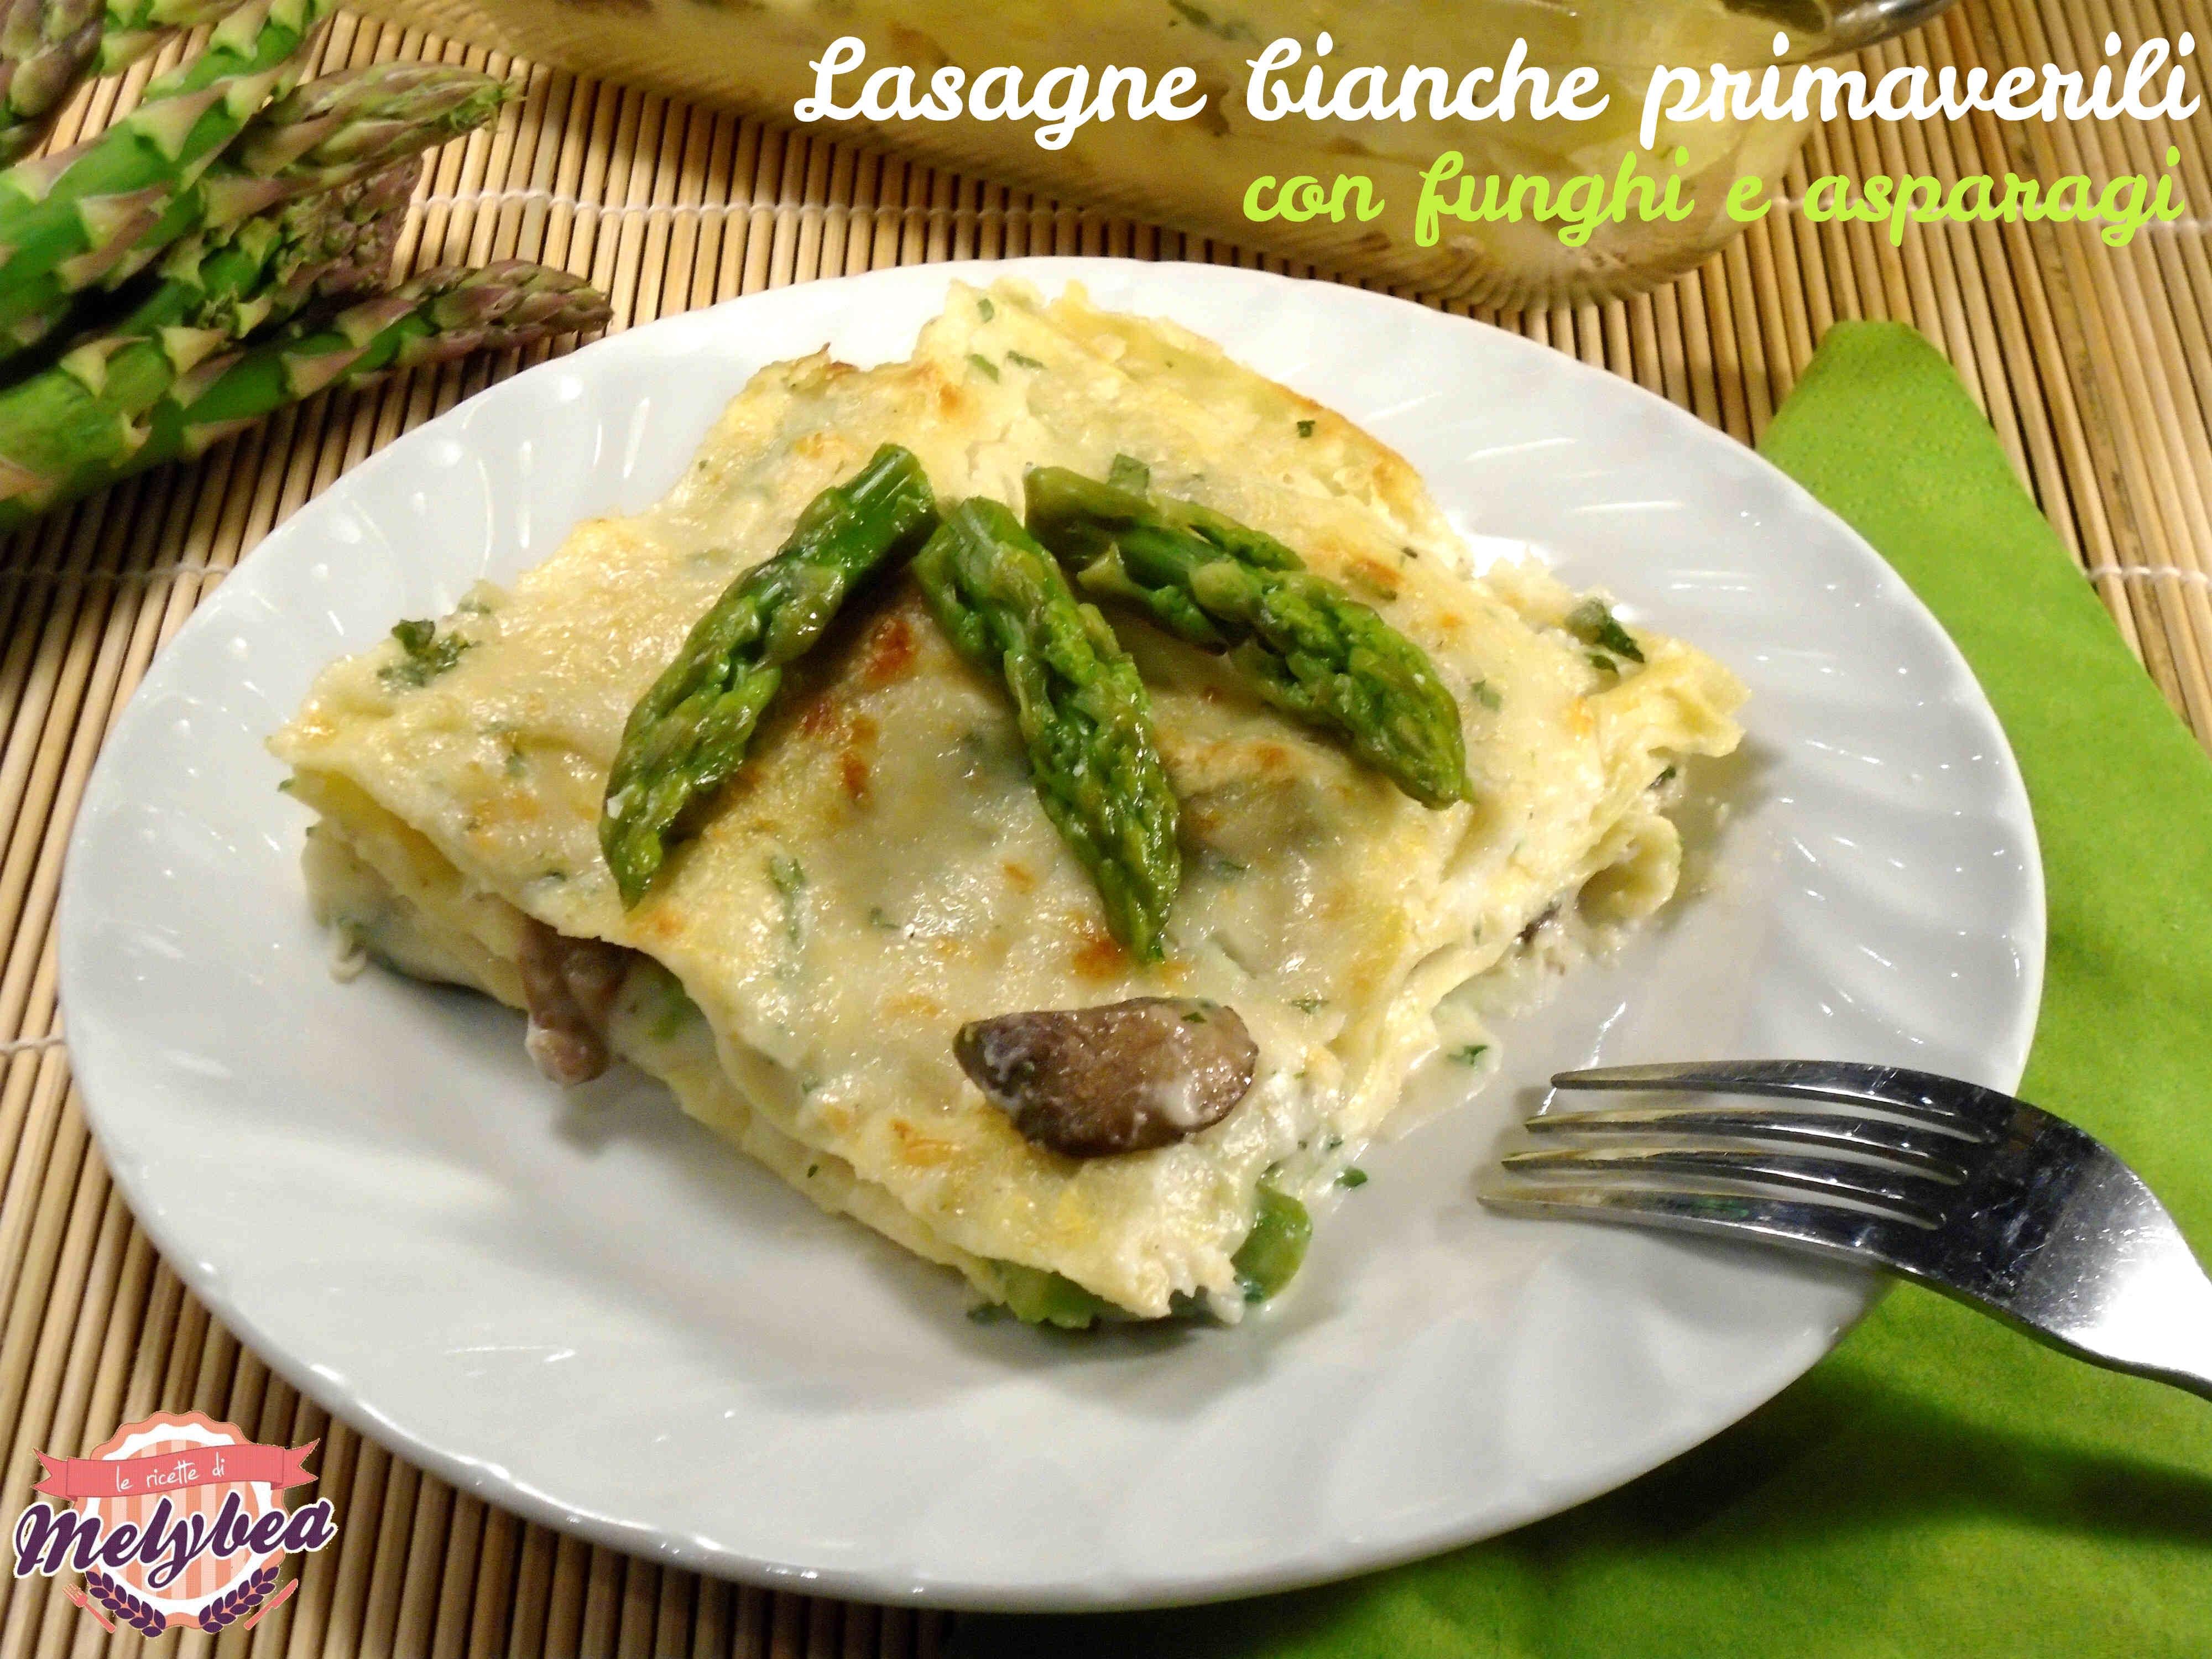 lasagne bianche primaverili